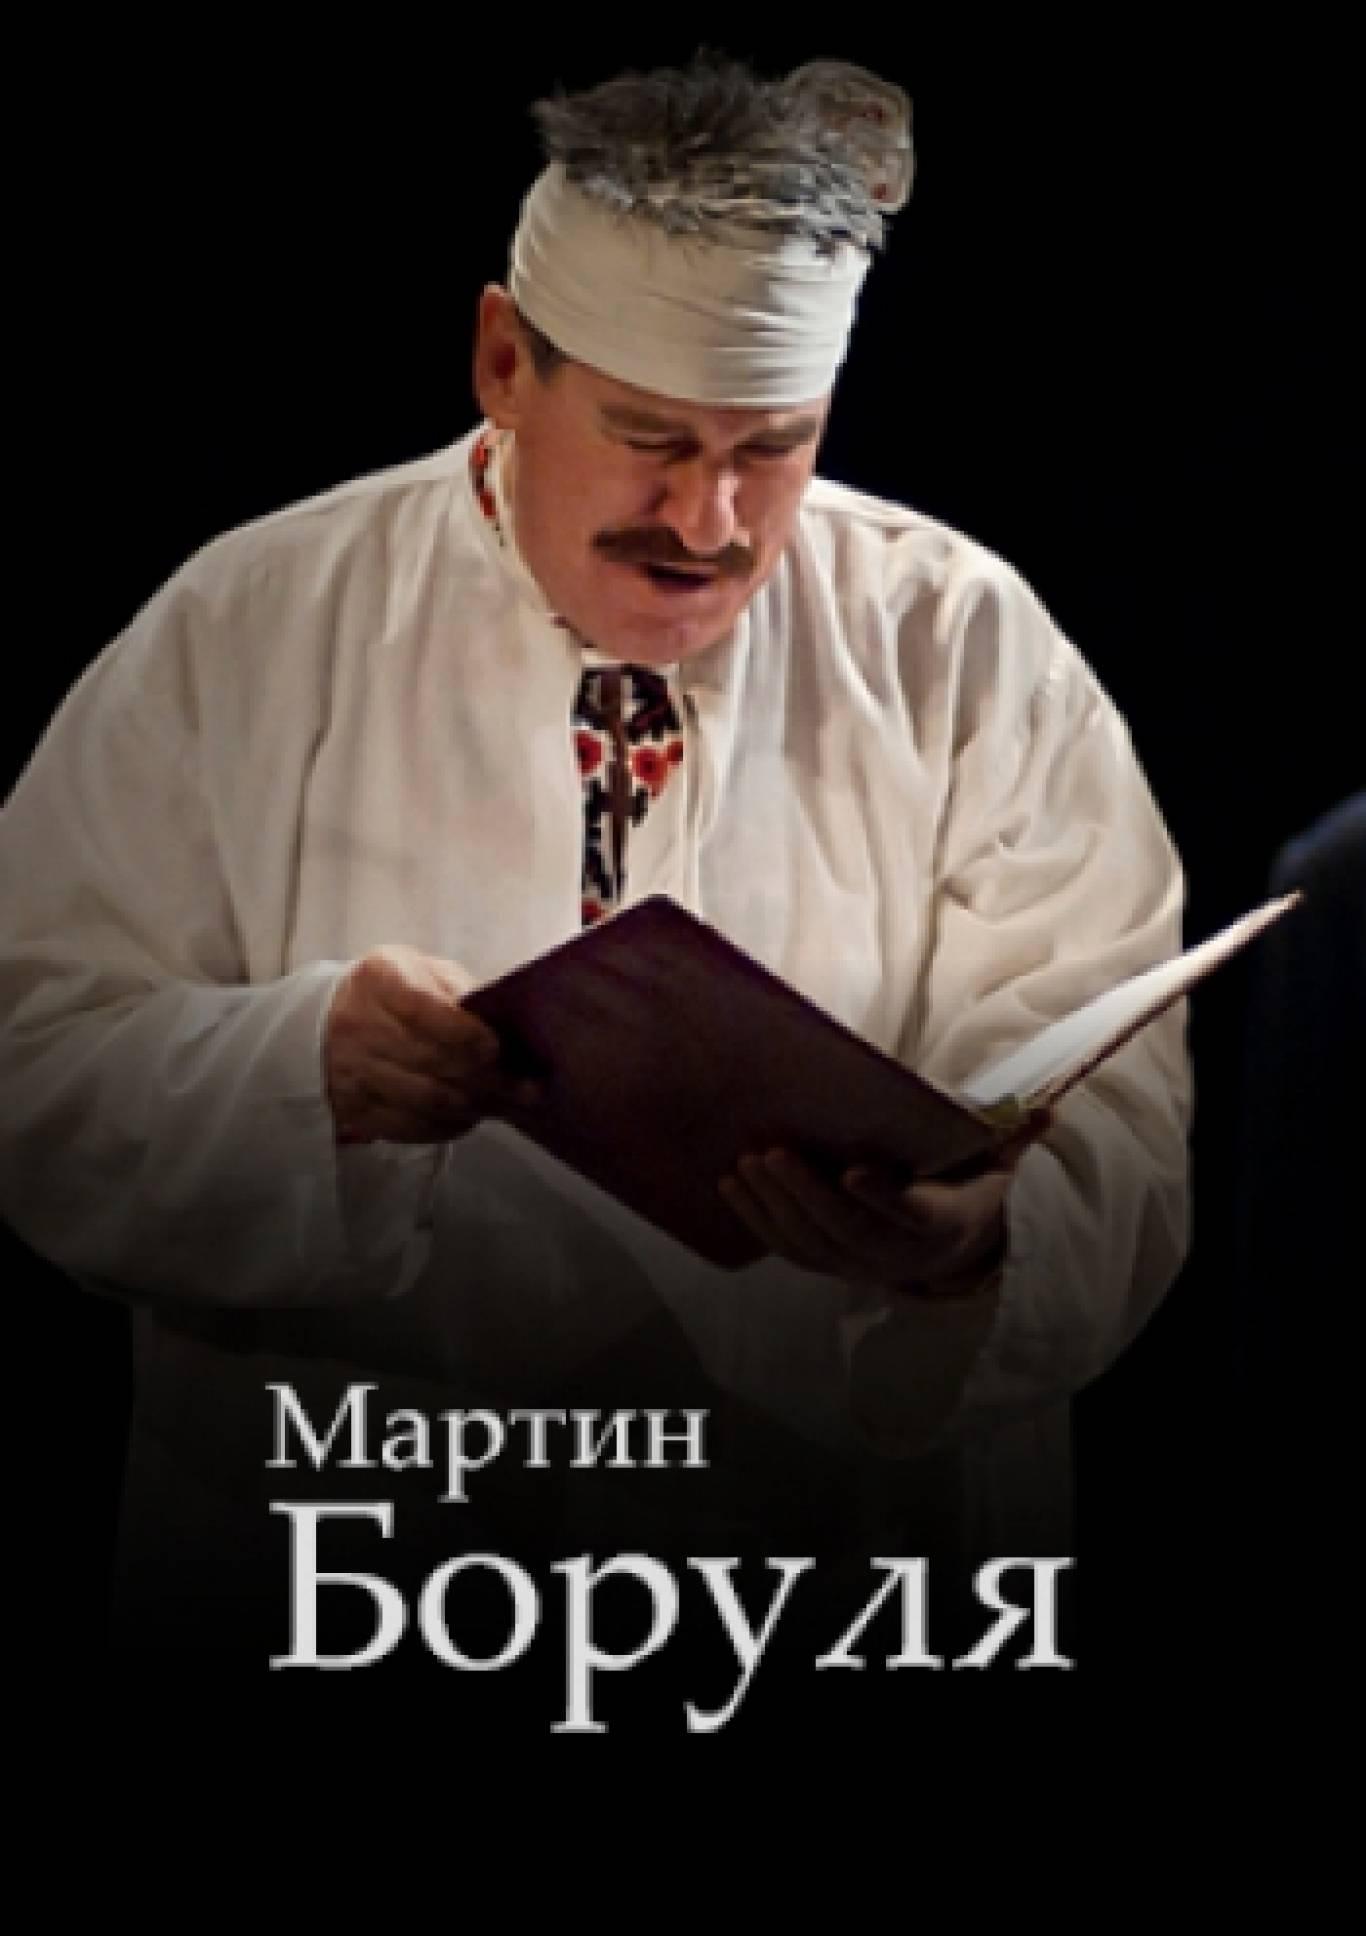 Спектакль «Мартин Боруля» у драматичному театрі ім. Івана Франка